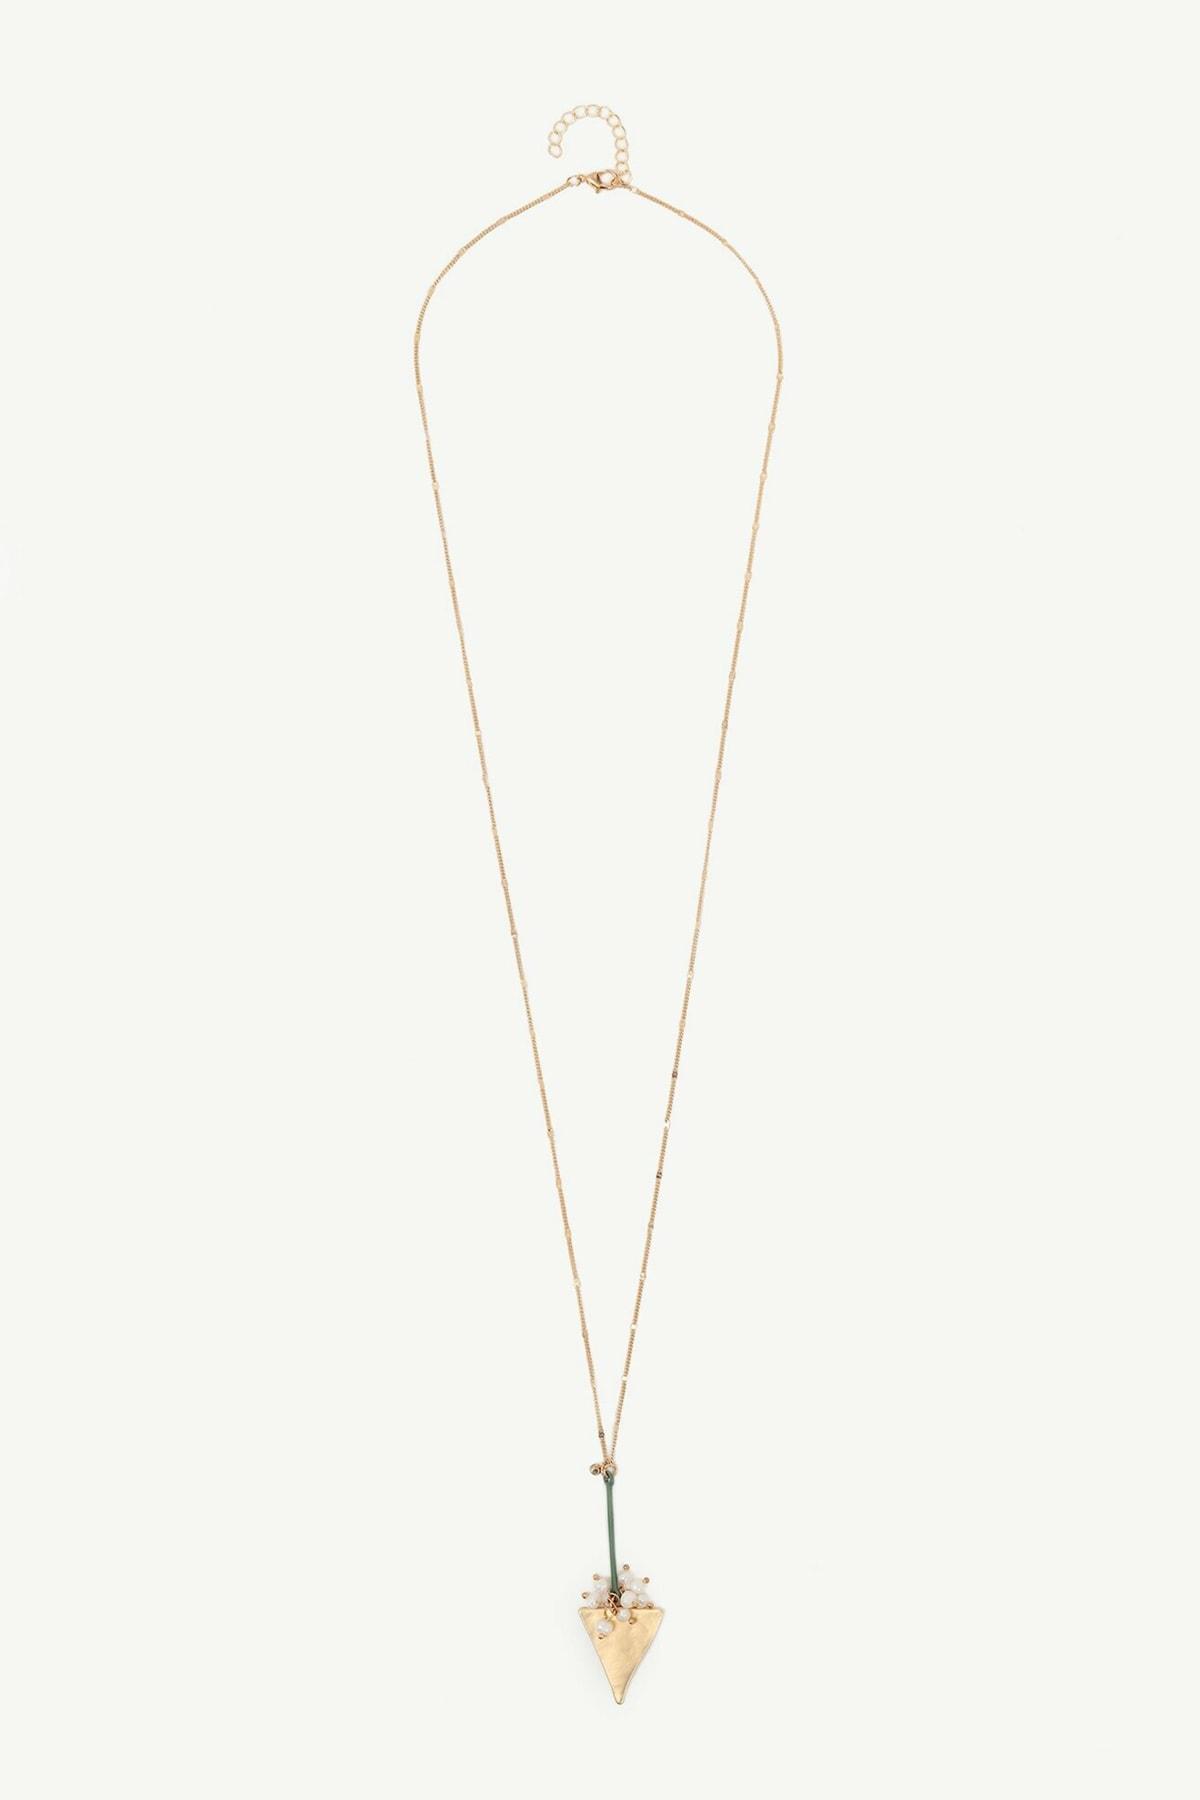 Yargıcı Kadın Altın Geometrik Desenli Uzun Kolye 0YKBJ8217X